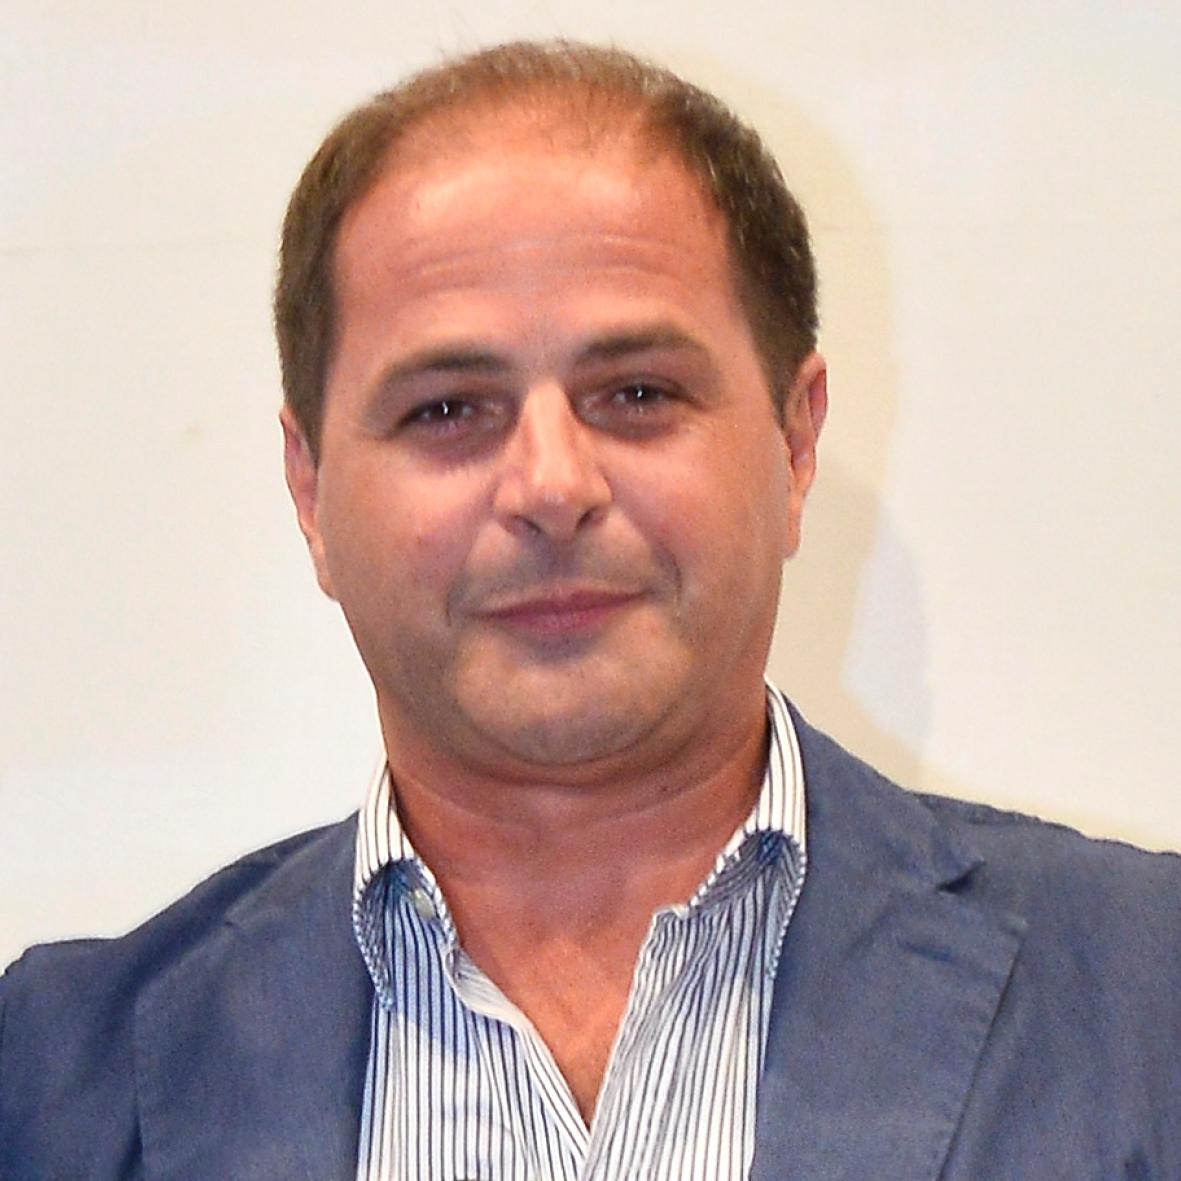 Antonio Sorgente